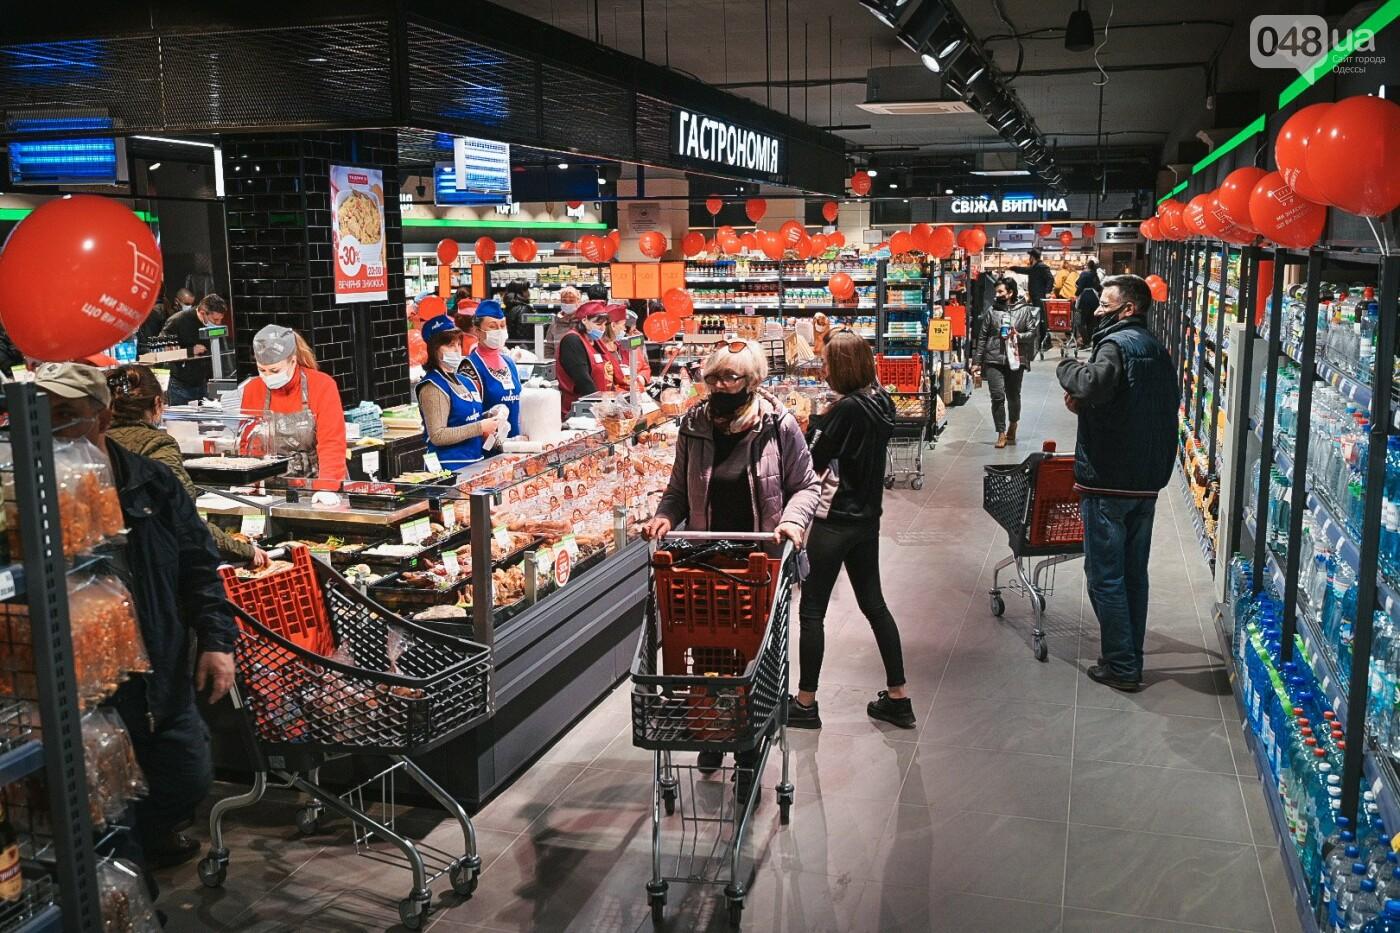 Напередодні великодніх і травневих свят компанія «Таврия В» відкриває одночасно два магазина в Одесі, фото-1